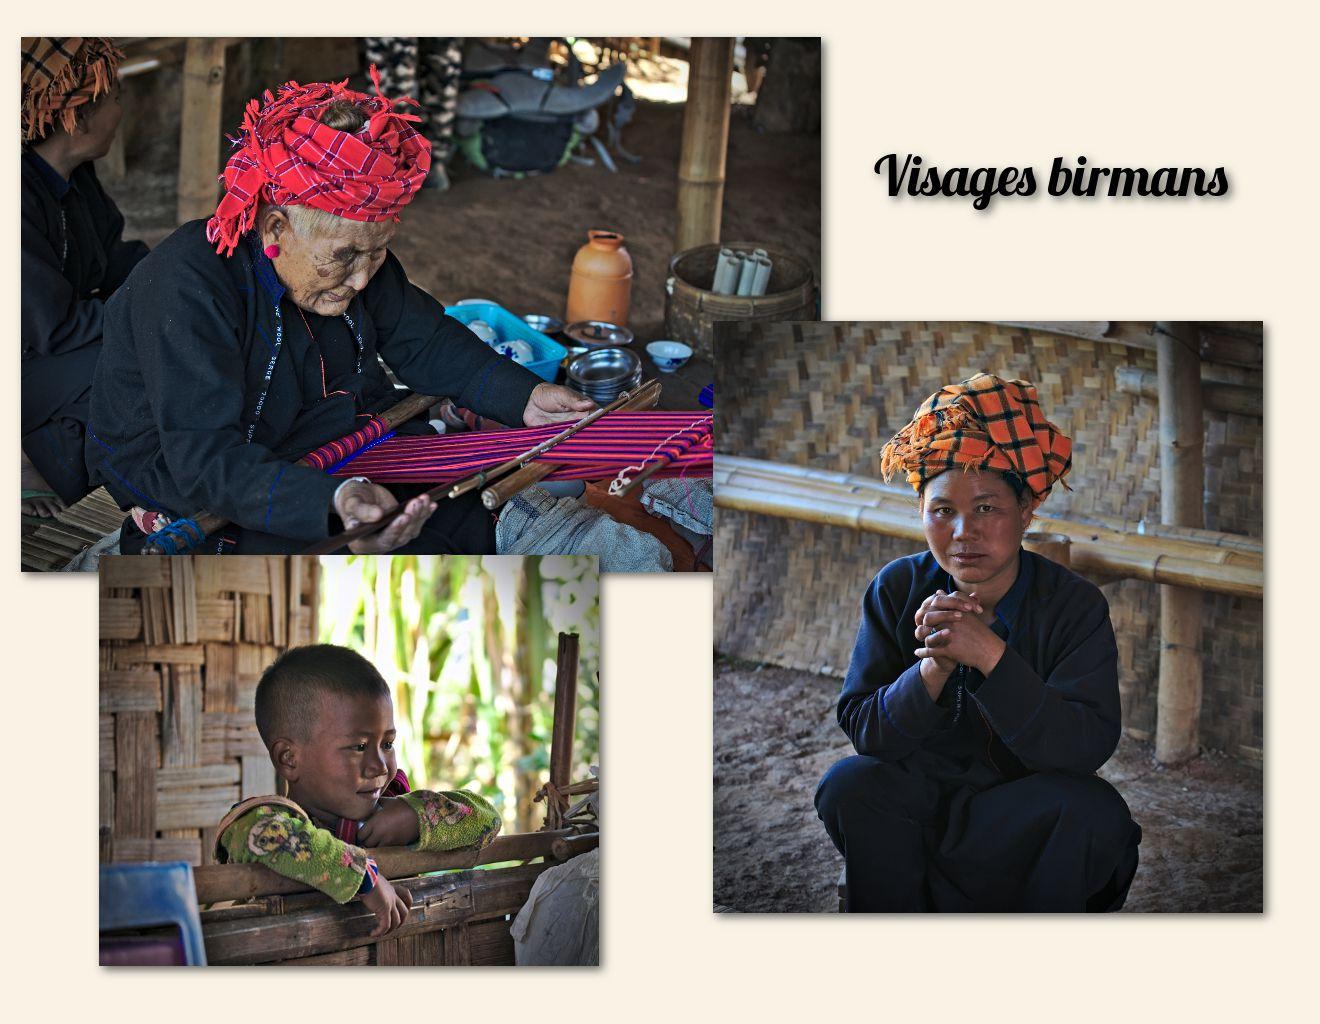 portraits de villageois birmans